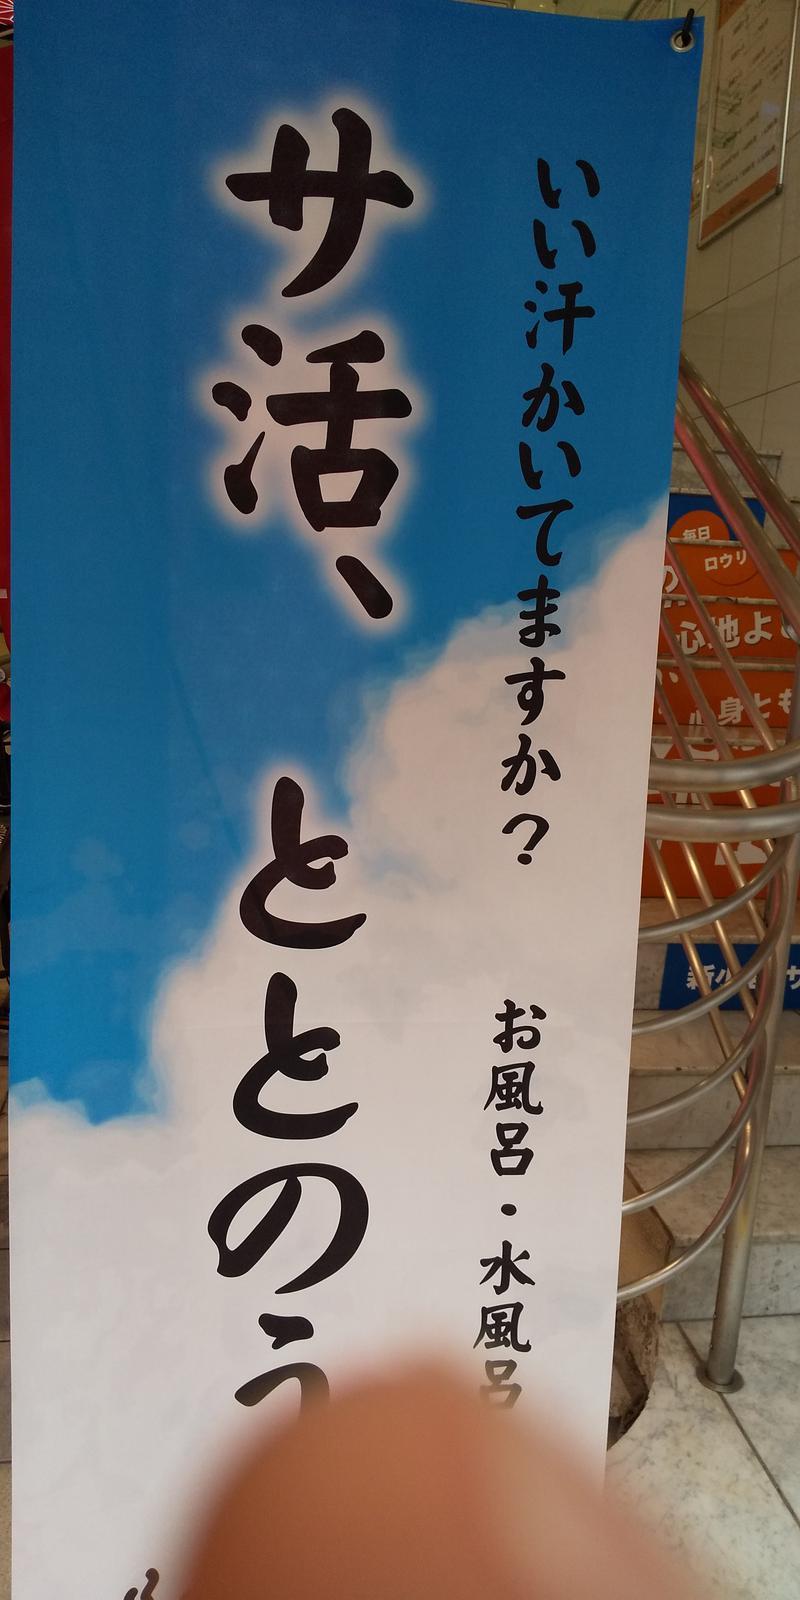 カピバラさんのカプセルホテルレインボー新小岩店のサ活写真